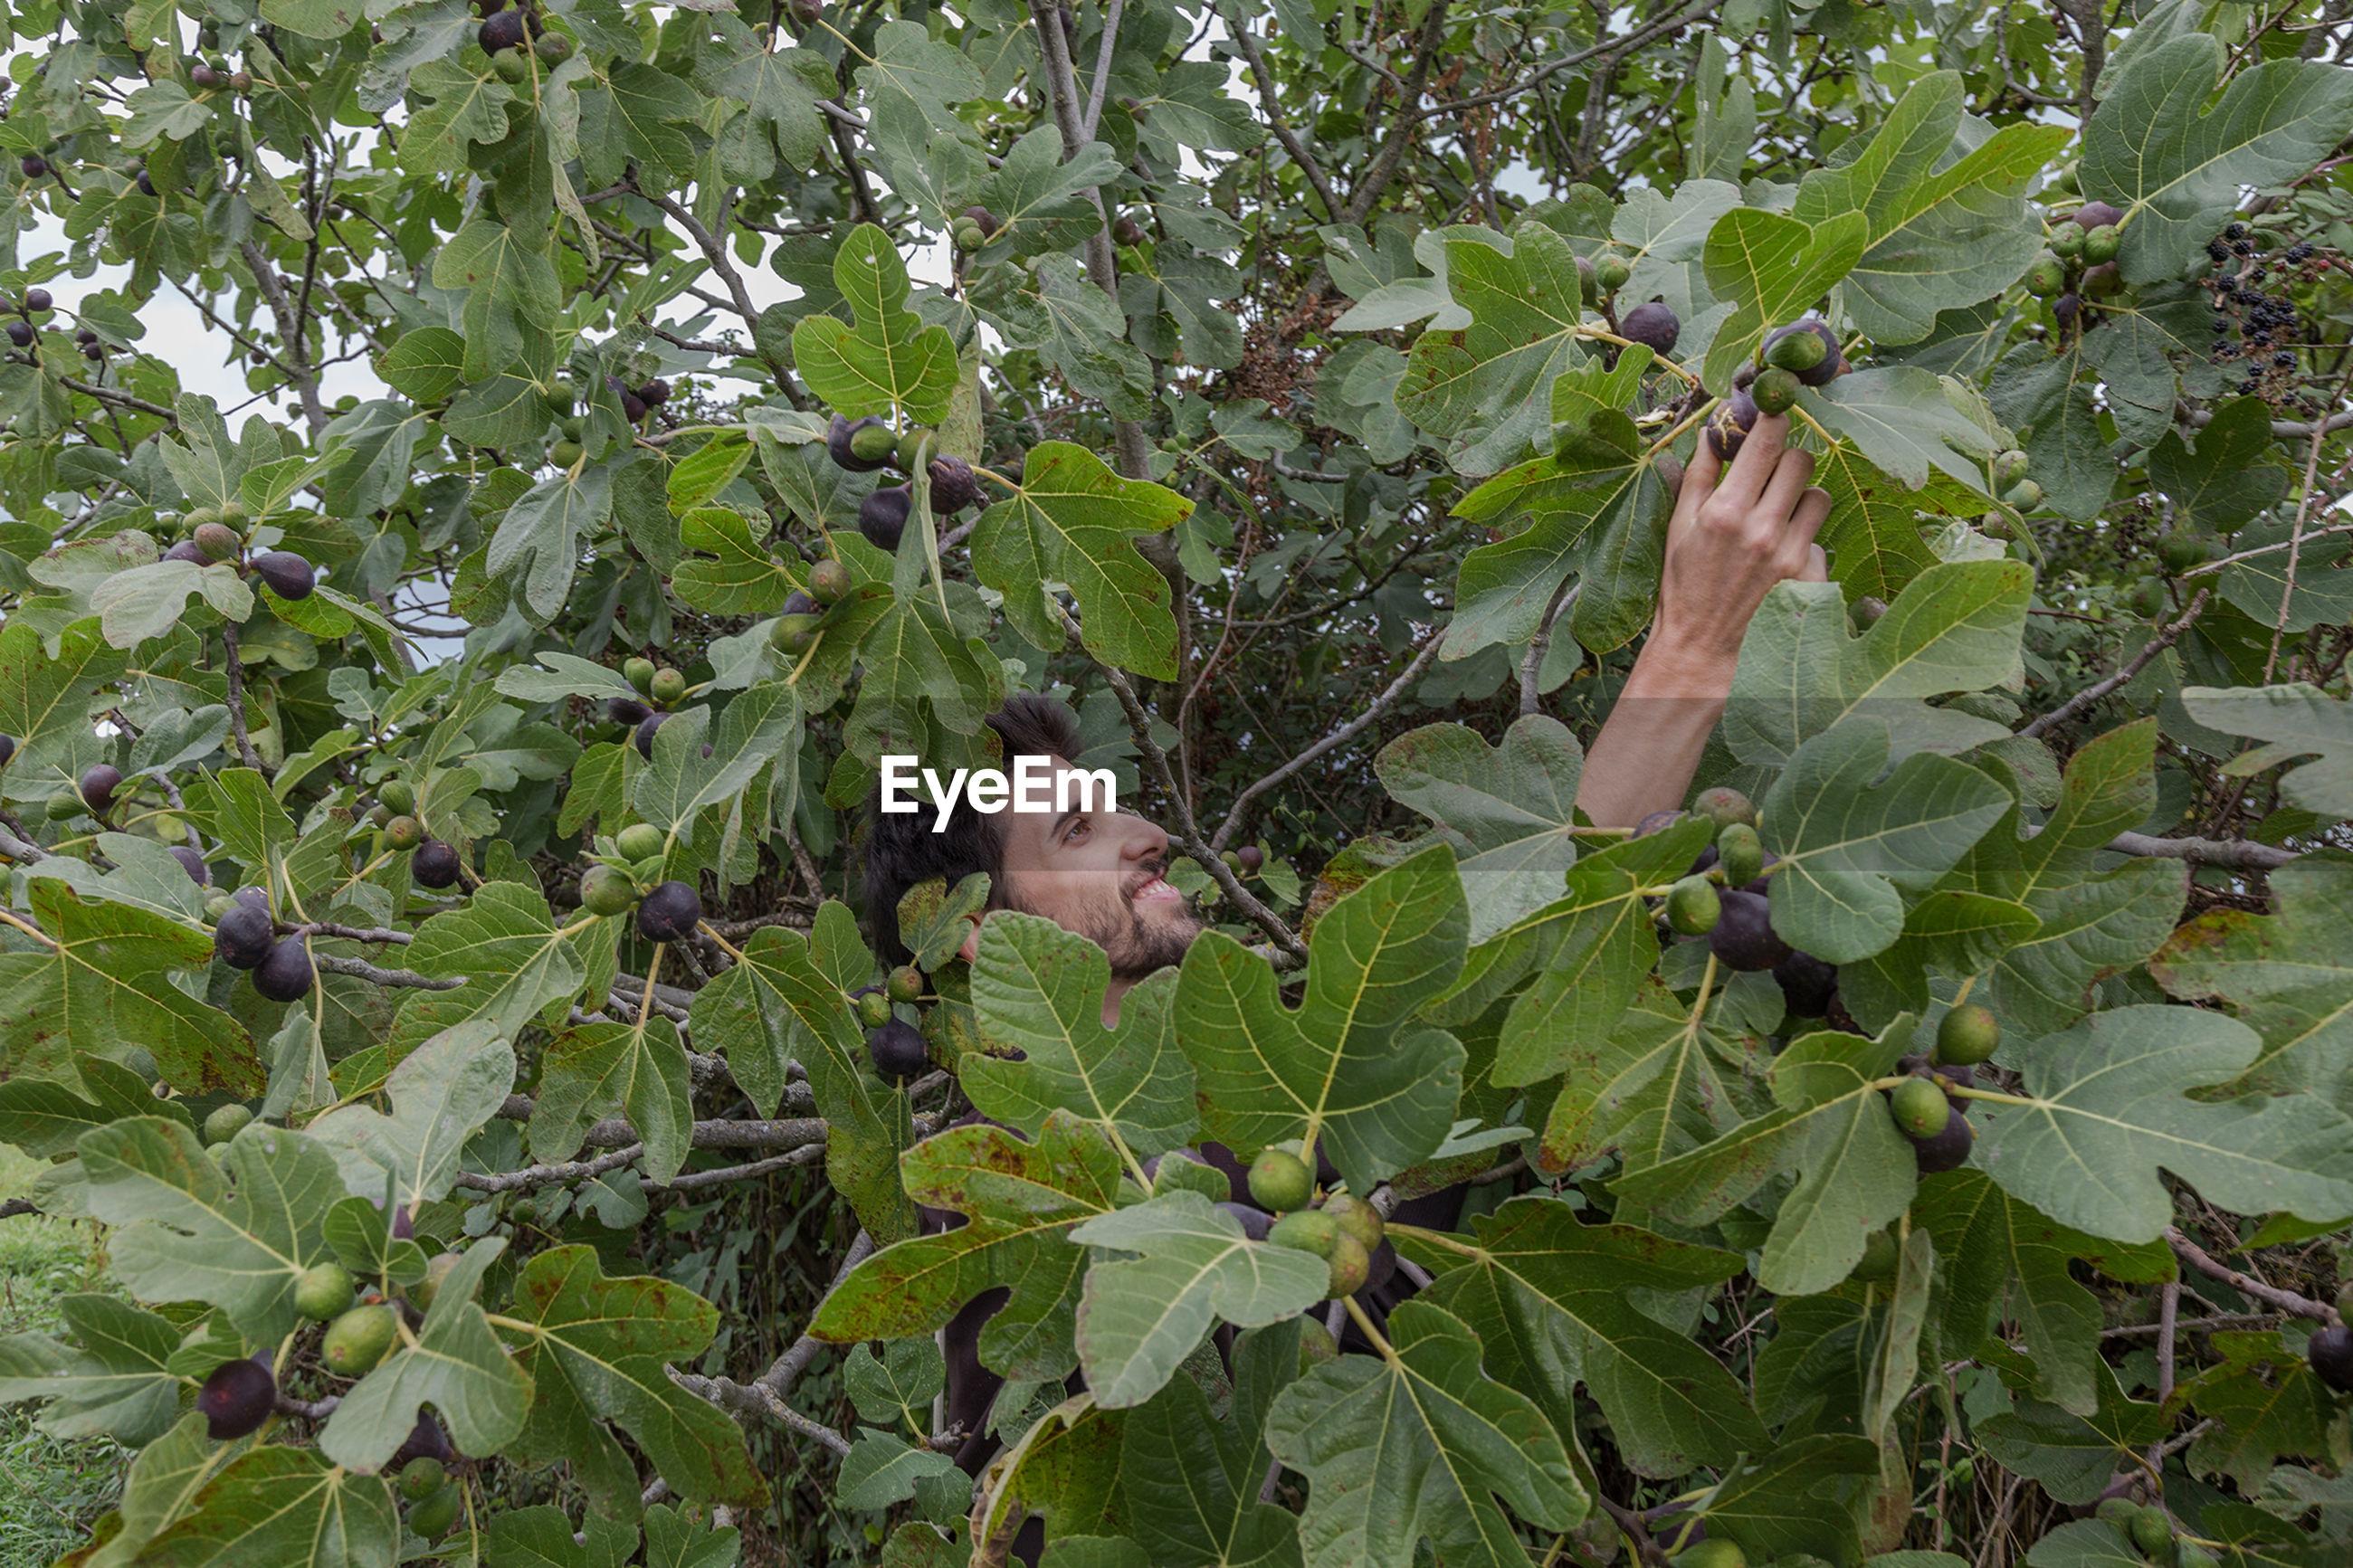 PLANTS ON TREE